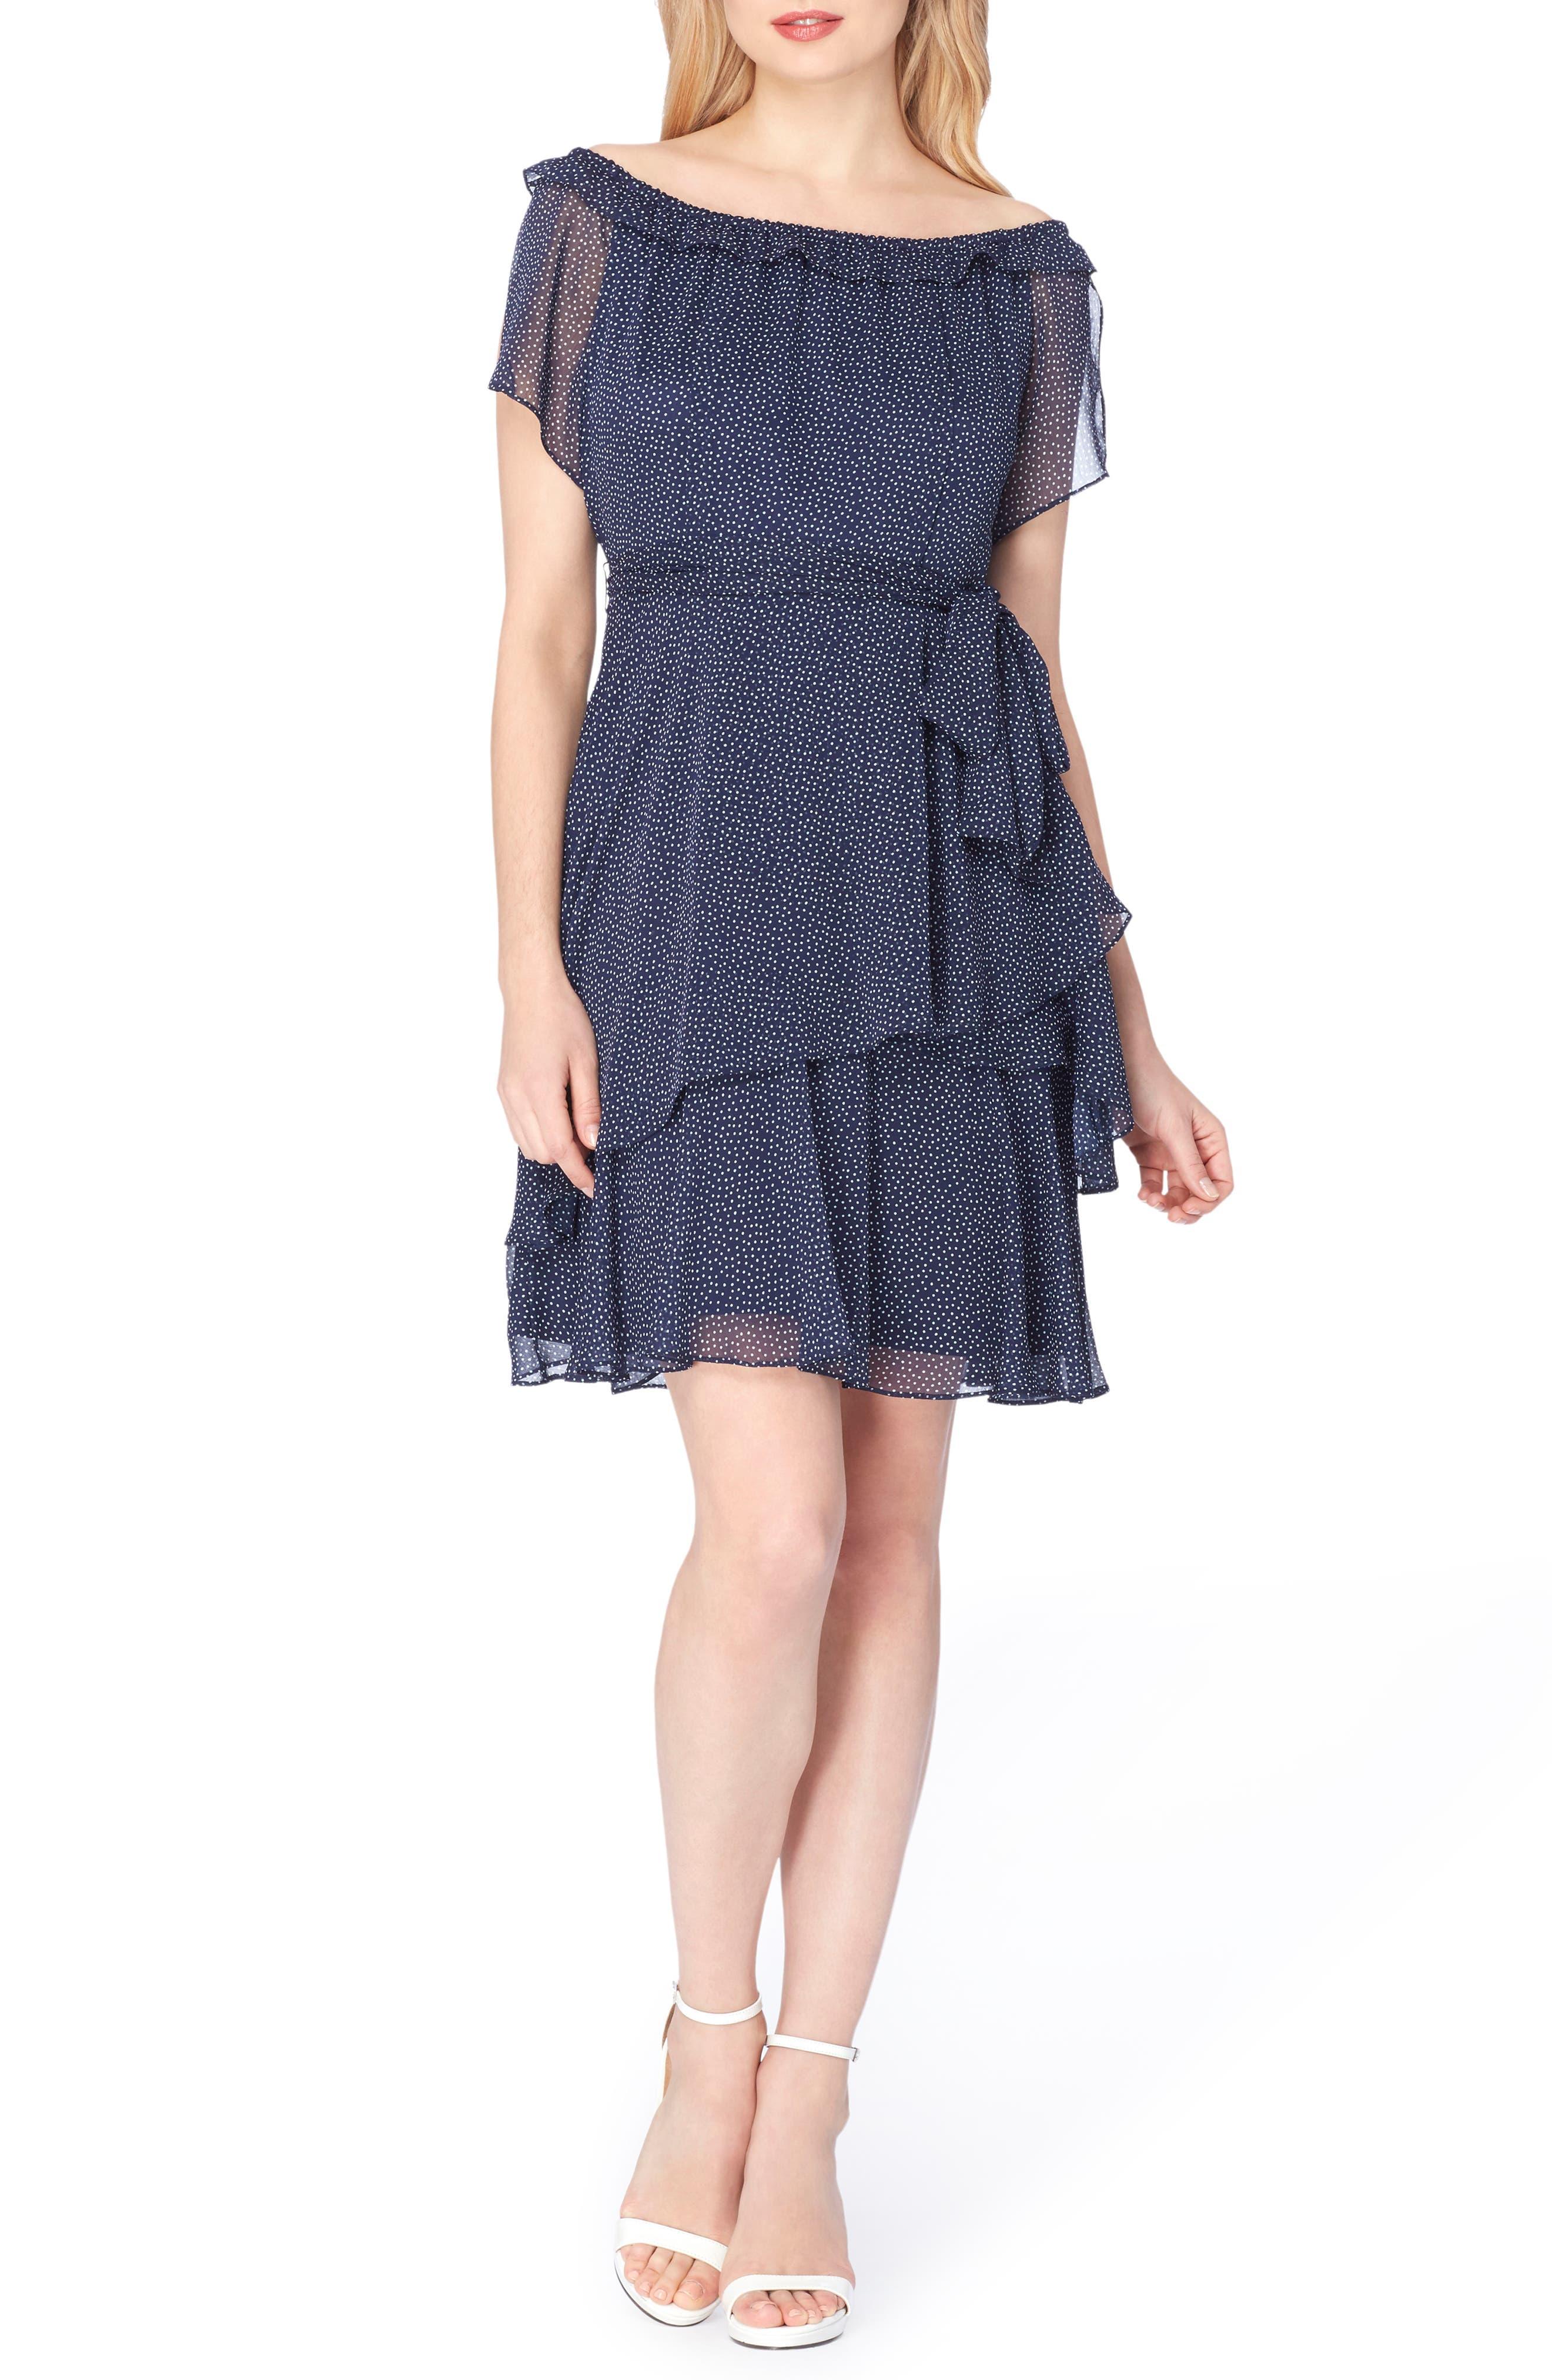 Tahari Tiered Fit & Flare Dress